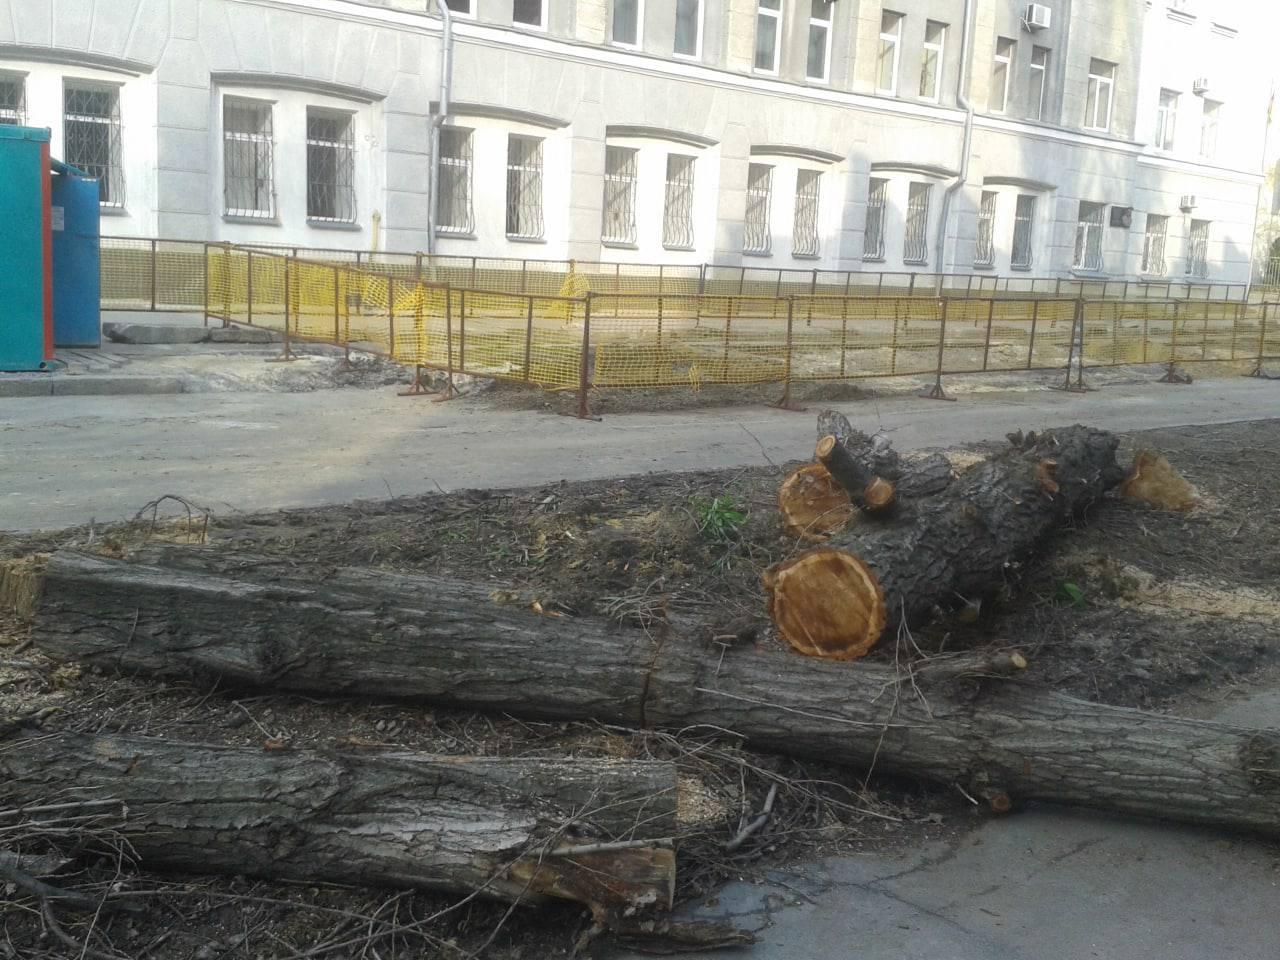 Харьковские власти выделяют миллионы на зеленые насаждения вместо уничтожаемых ими же